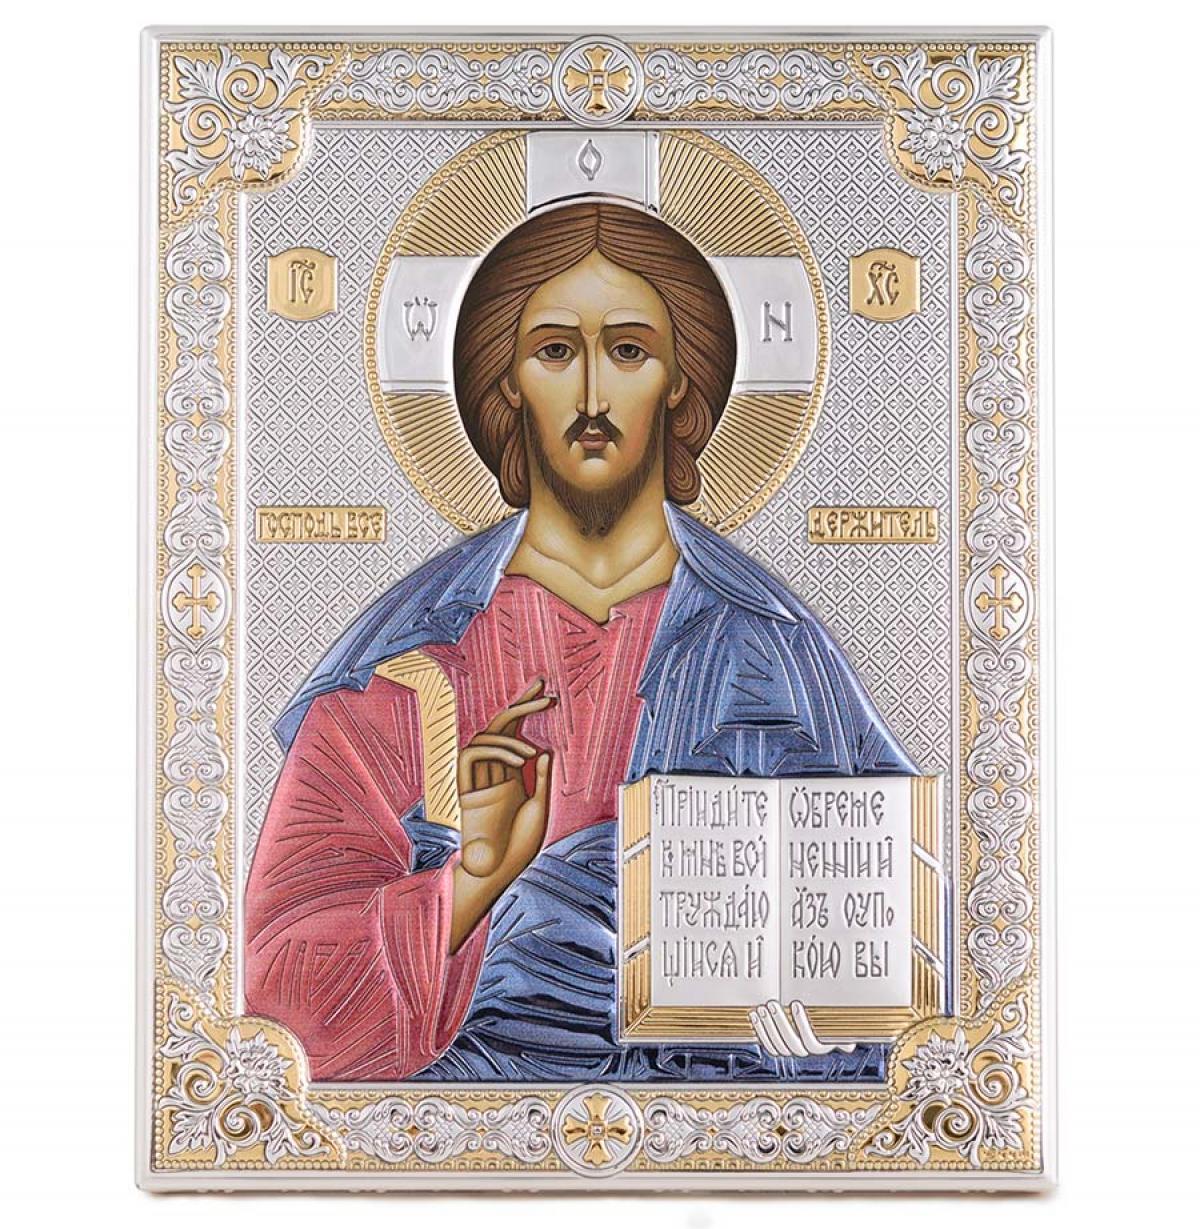 Ікона срібна Ісус Христос Вседержитель 12х16см 85300 3LCOL